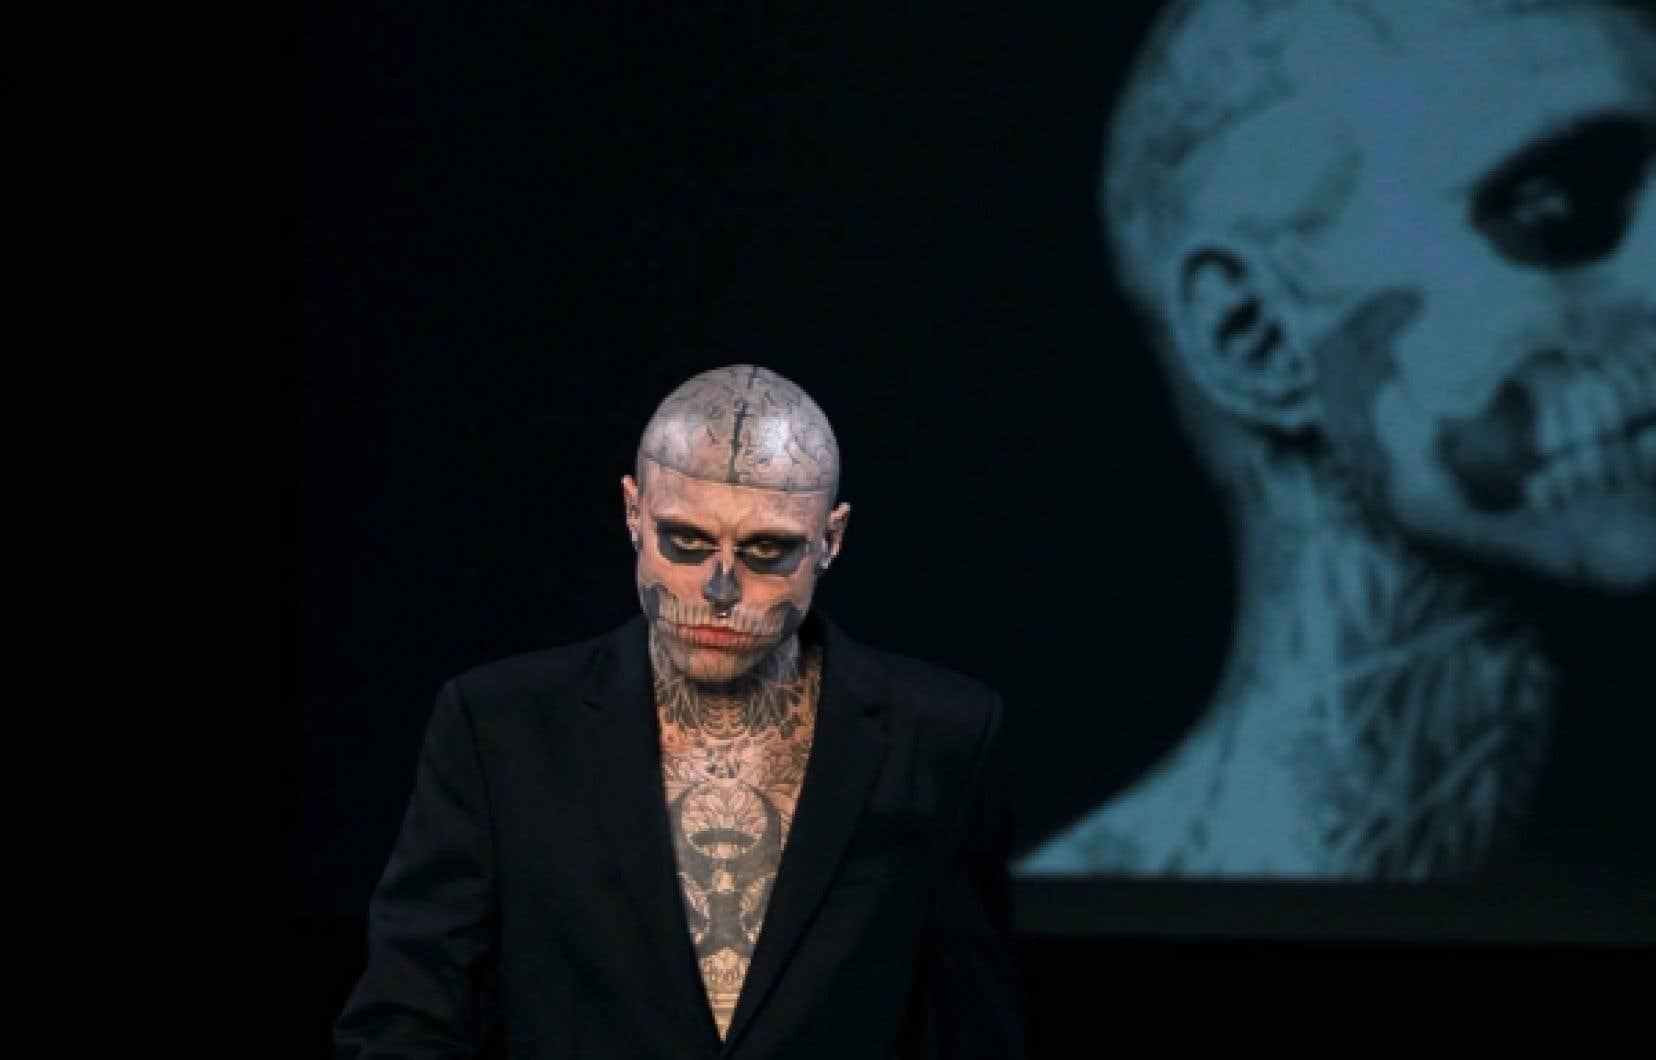 Le Montr&eacute;alais Rick Genest &mdash; Zombie Boy &mdash; est devenu la star du d&eacute;fil&eacute; de la maison Thierry Mugler de la derni&egrave;re Semaine de la mode &agrave; Paris. <br />